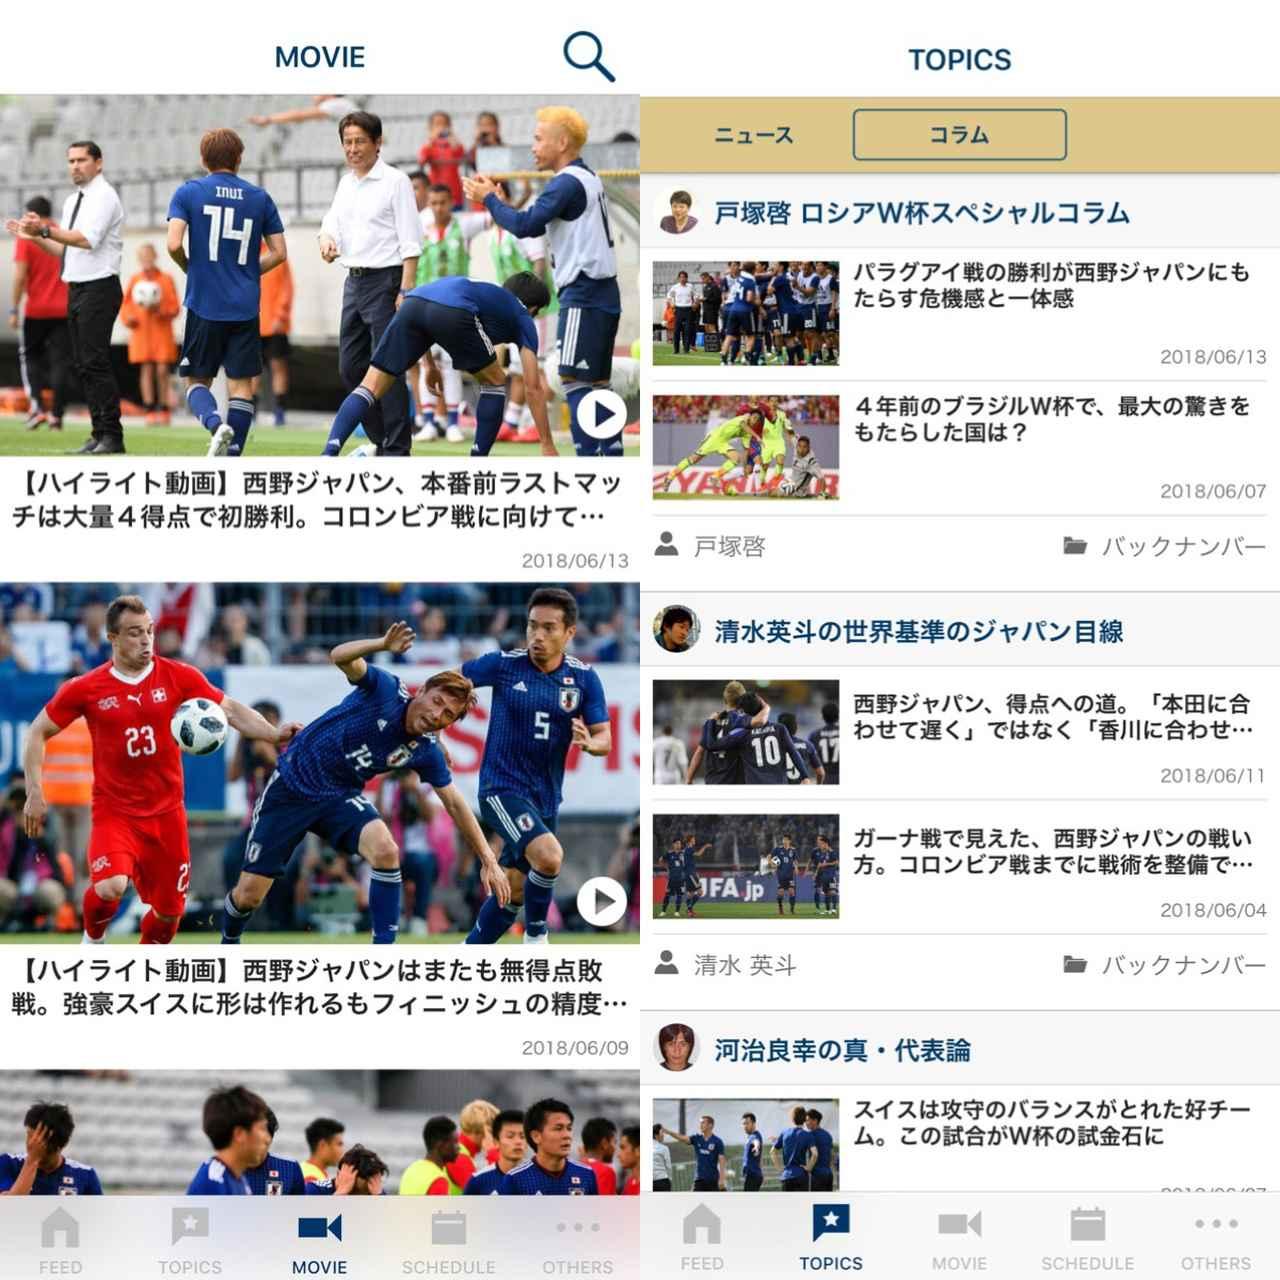 画像2: 日本のアプリなら『サッカー動画・サッカーニュース試合速報 レジェンドスタジアム』が便利!